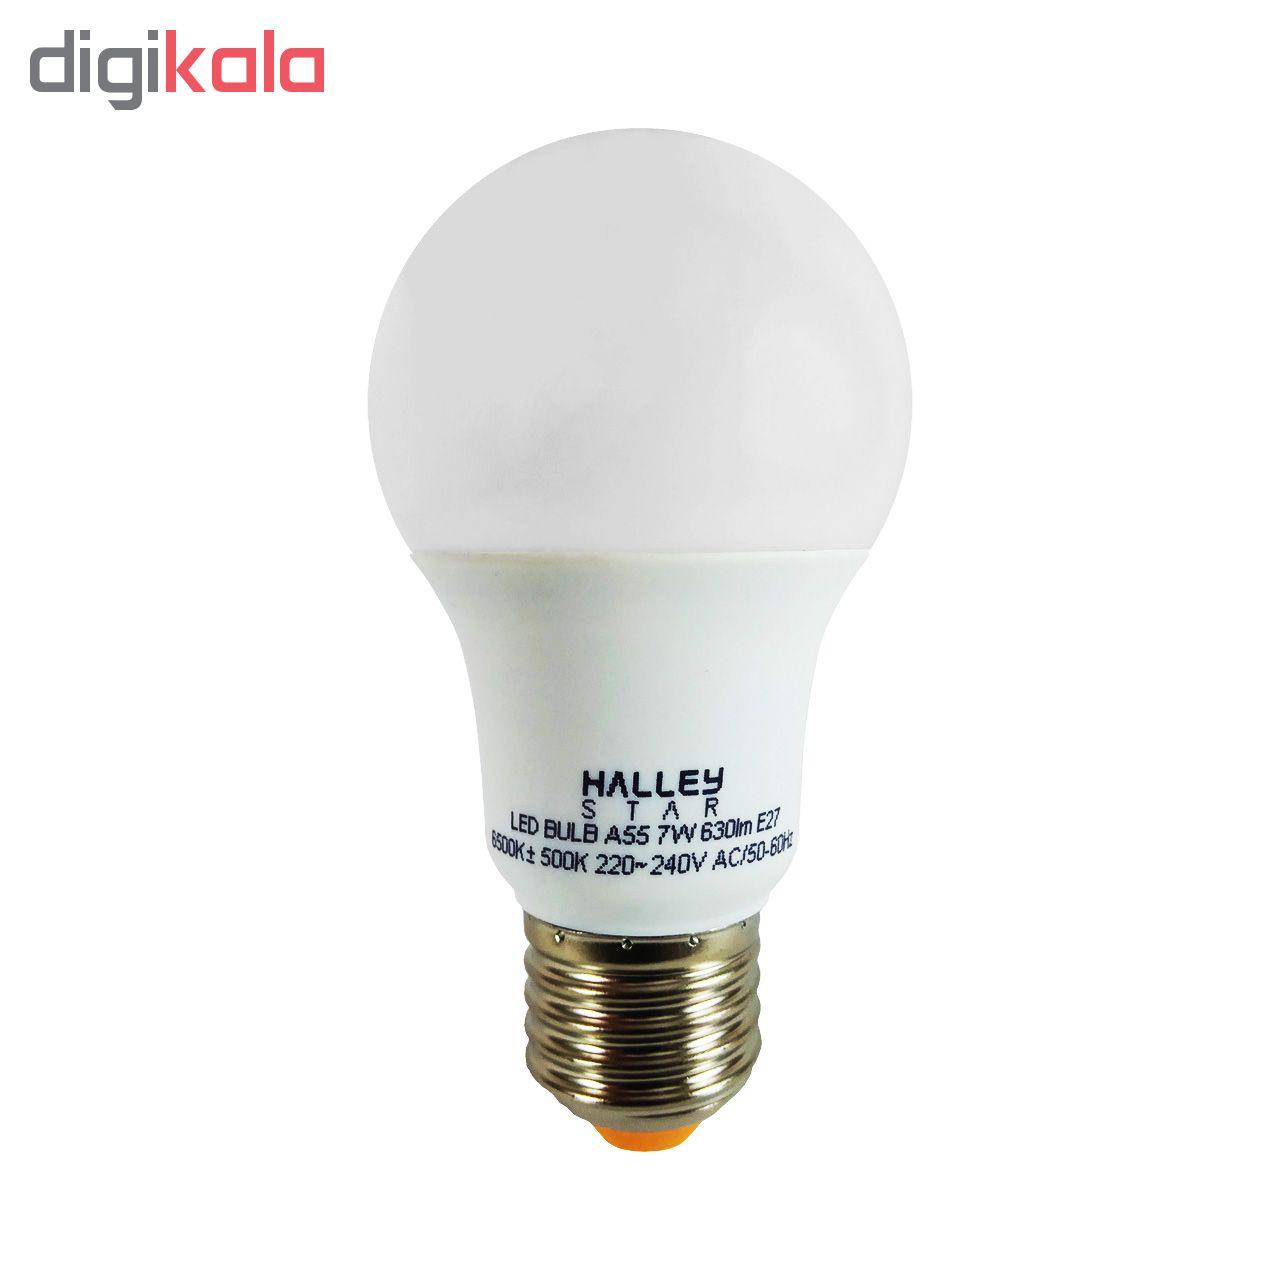 لامپ ال ای دی 7 وات هالی استار مدل A55 پایه E27